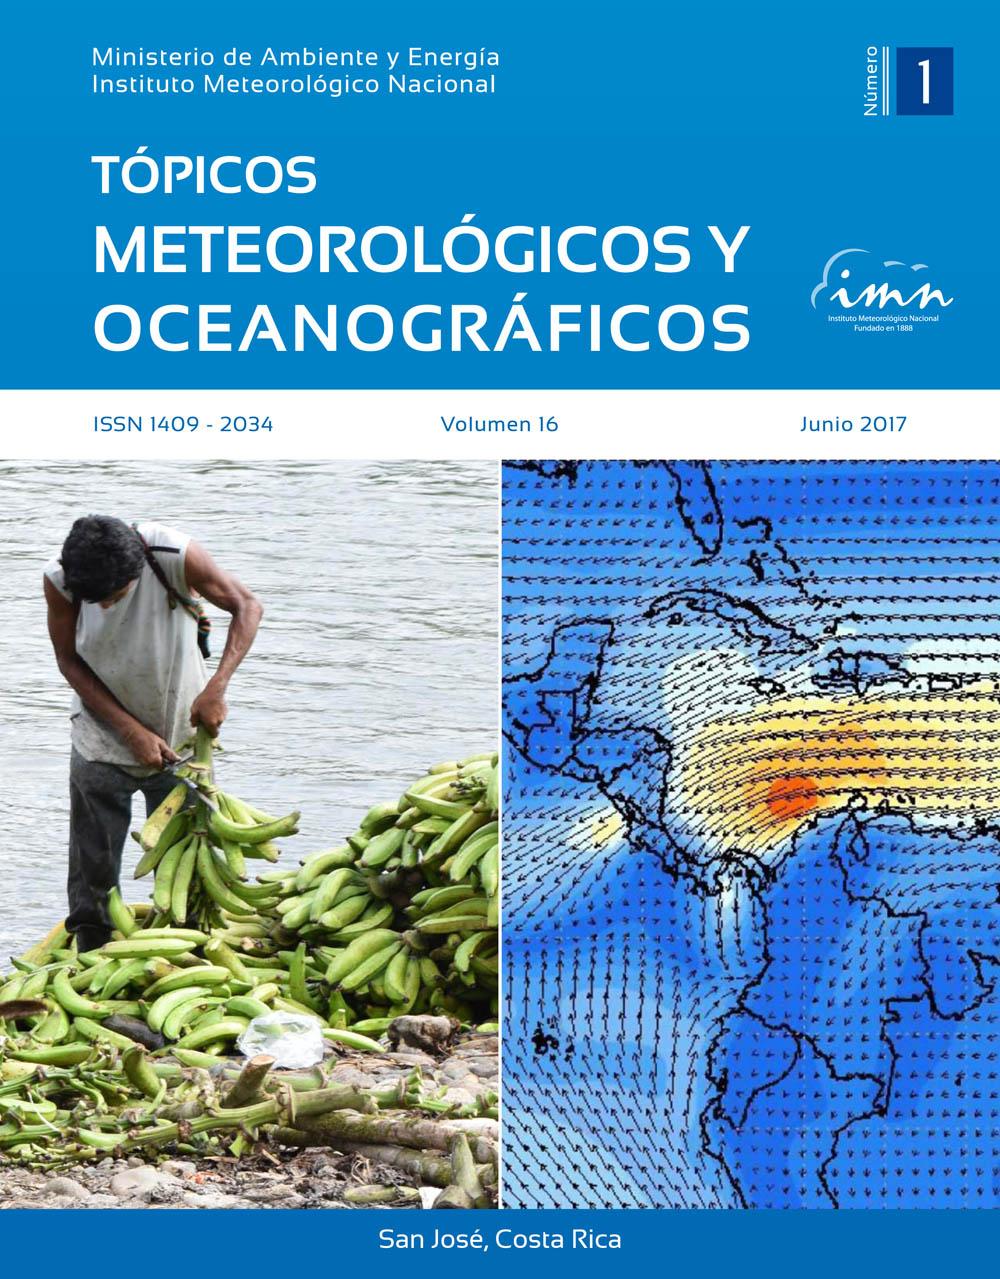 Revista Tópicos Meteorológicos, Vol. 16-1